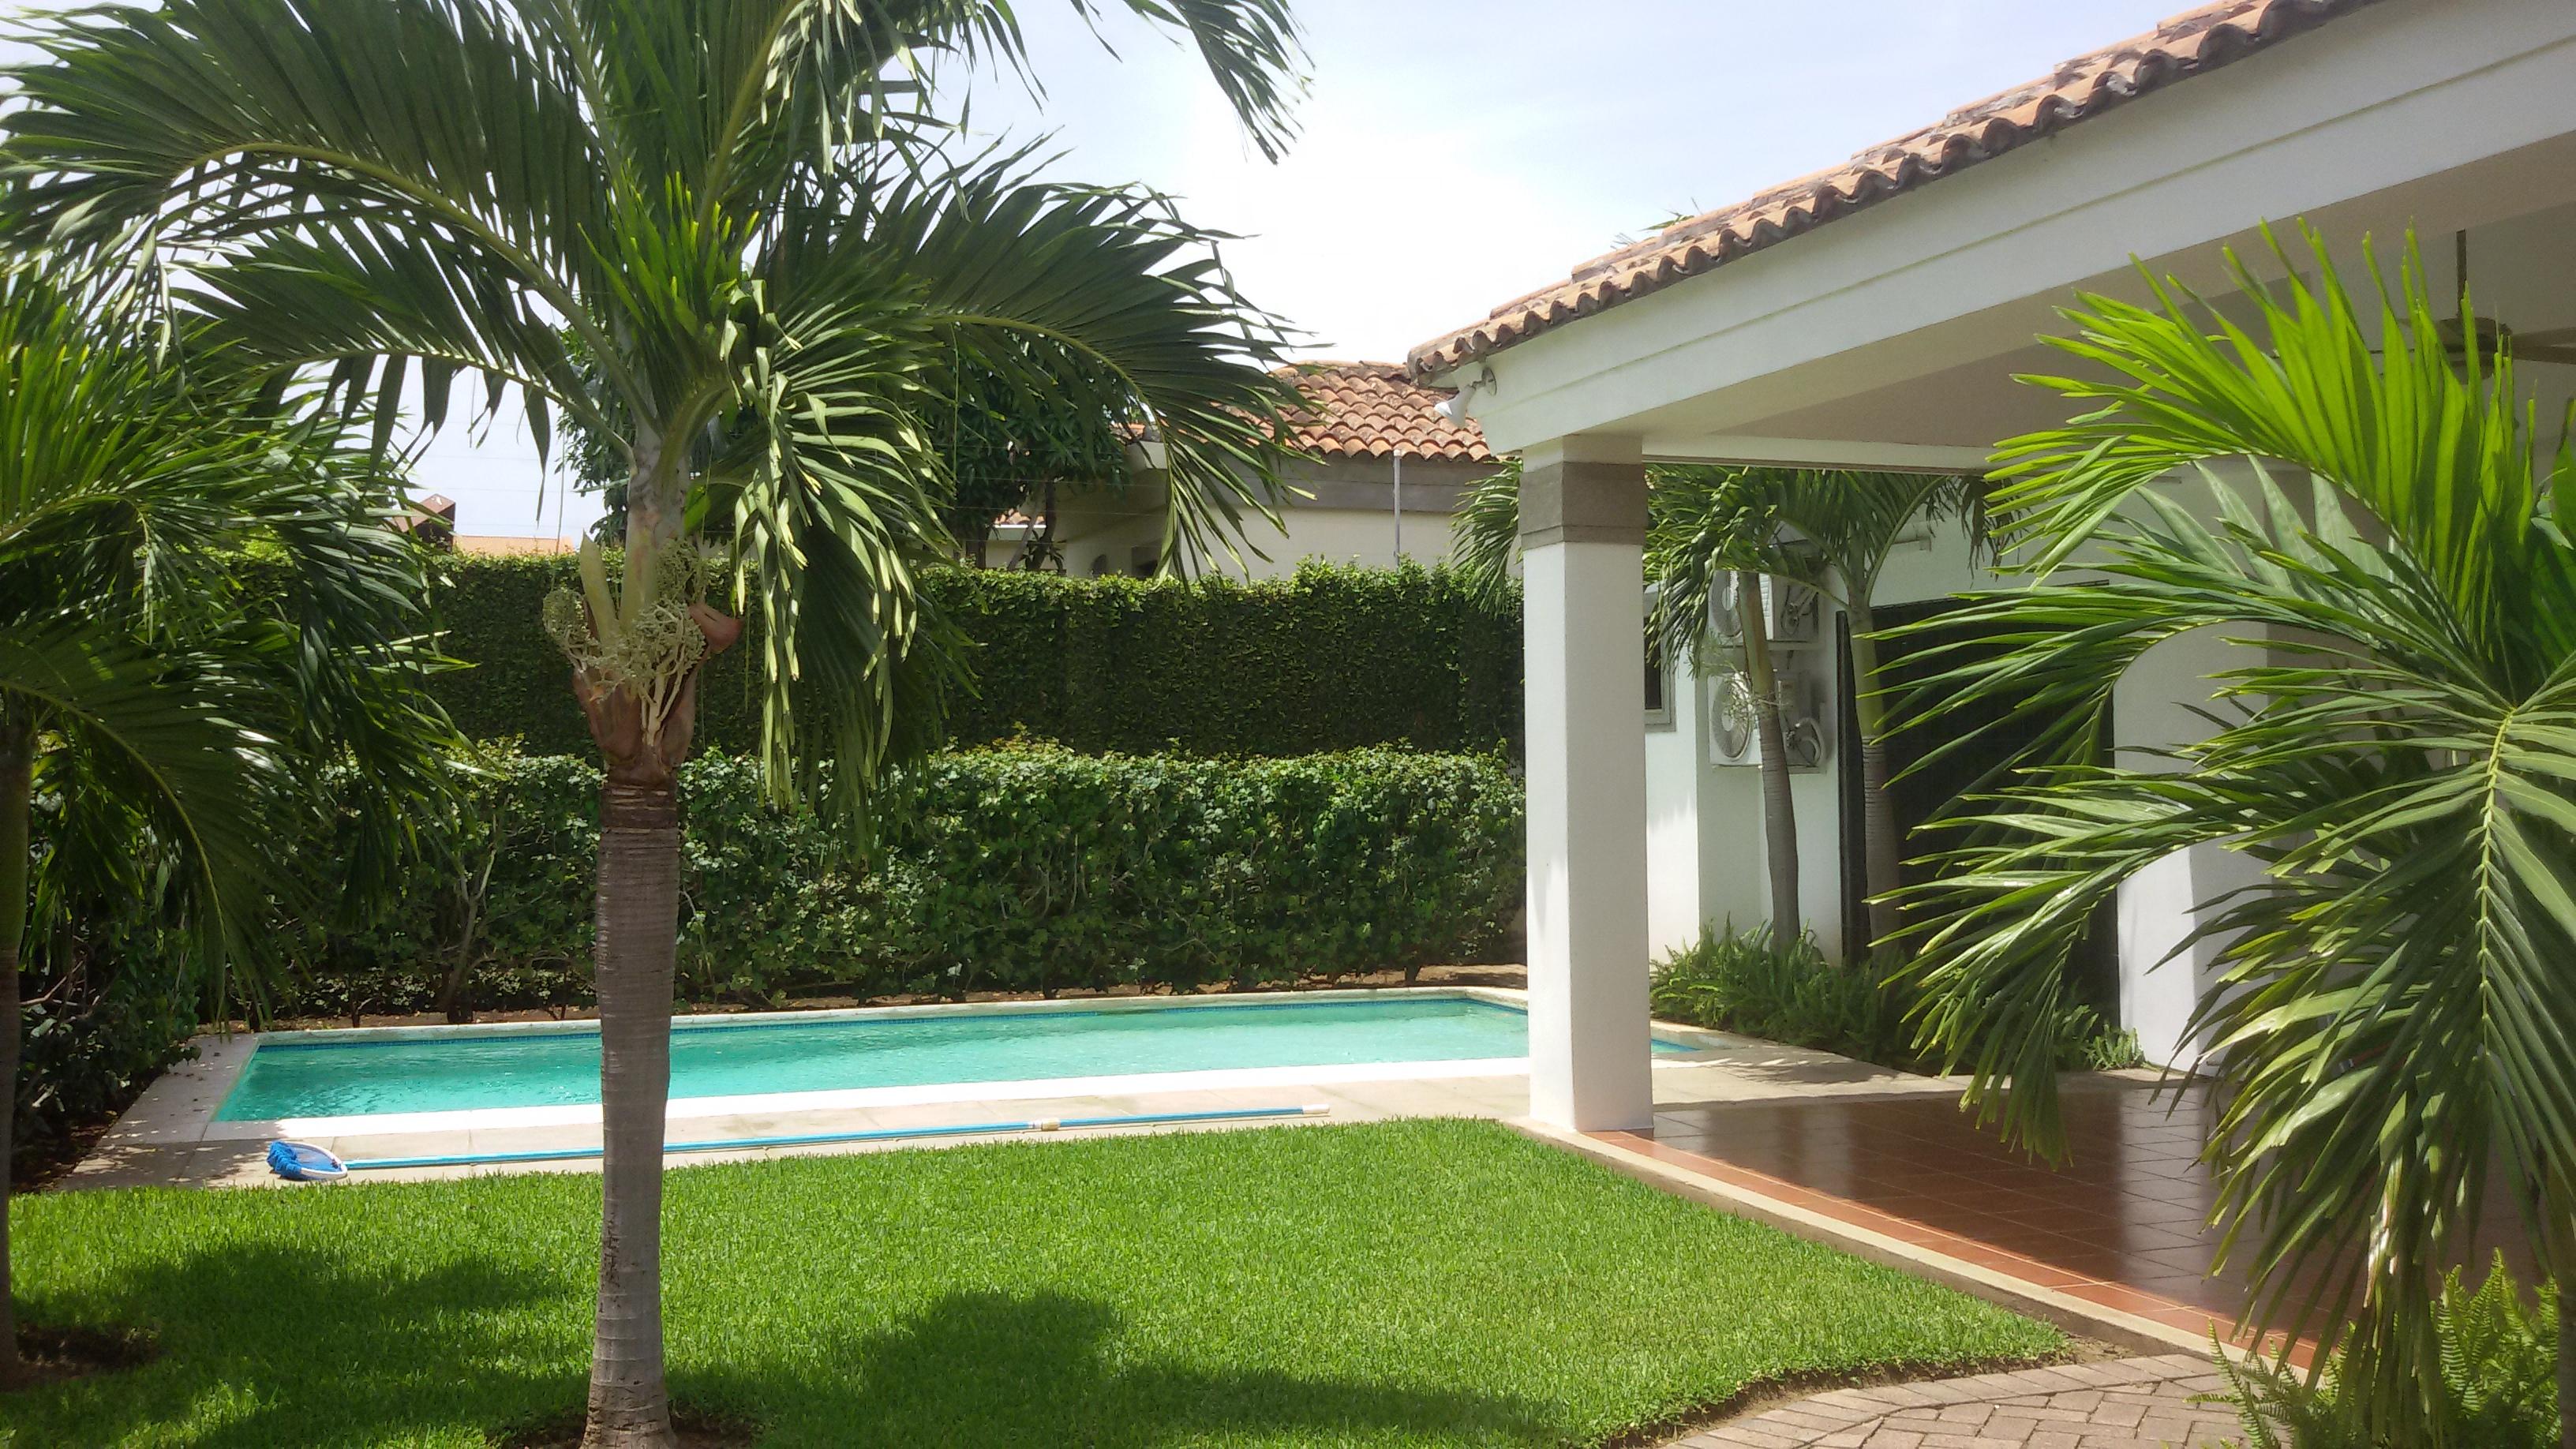 Casa con piscina en sevilla free la piscina with casa con for Alquiler de casas con piscina en sevilla